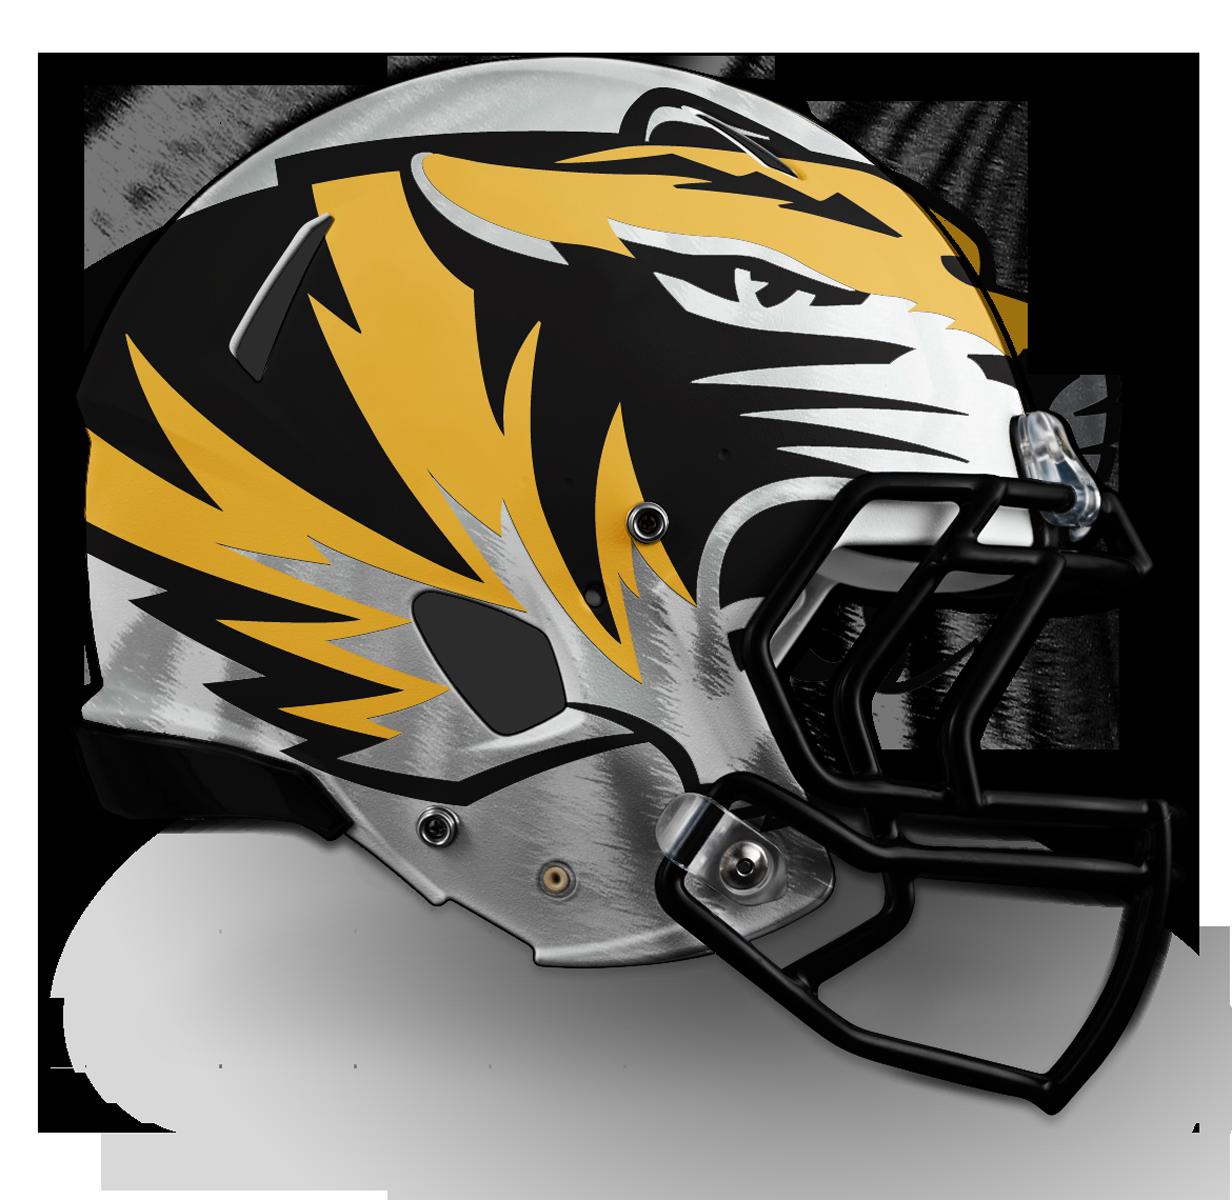 v1 - Large Tiger on White w/Stripes